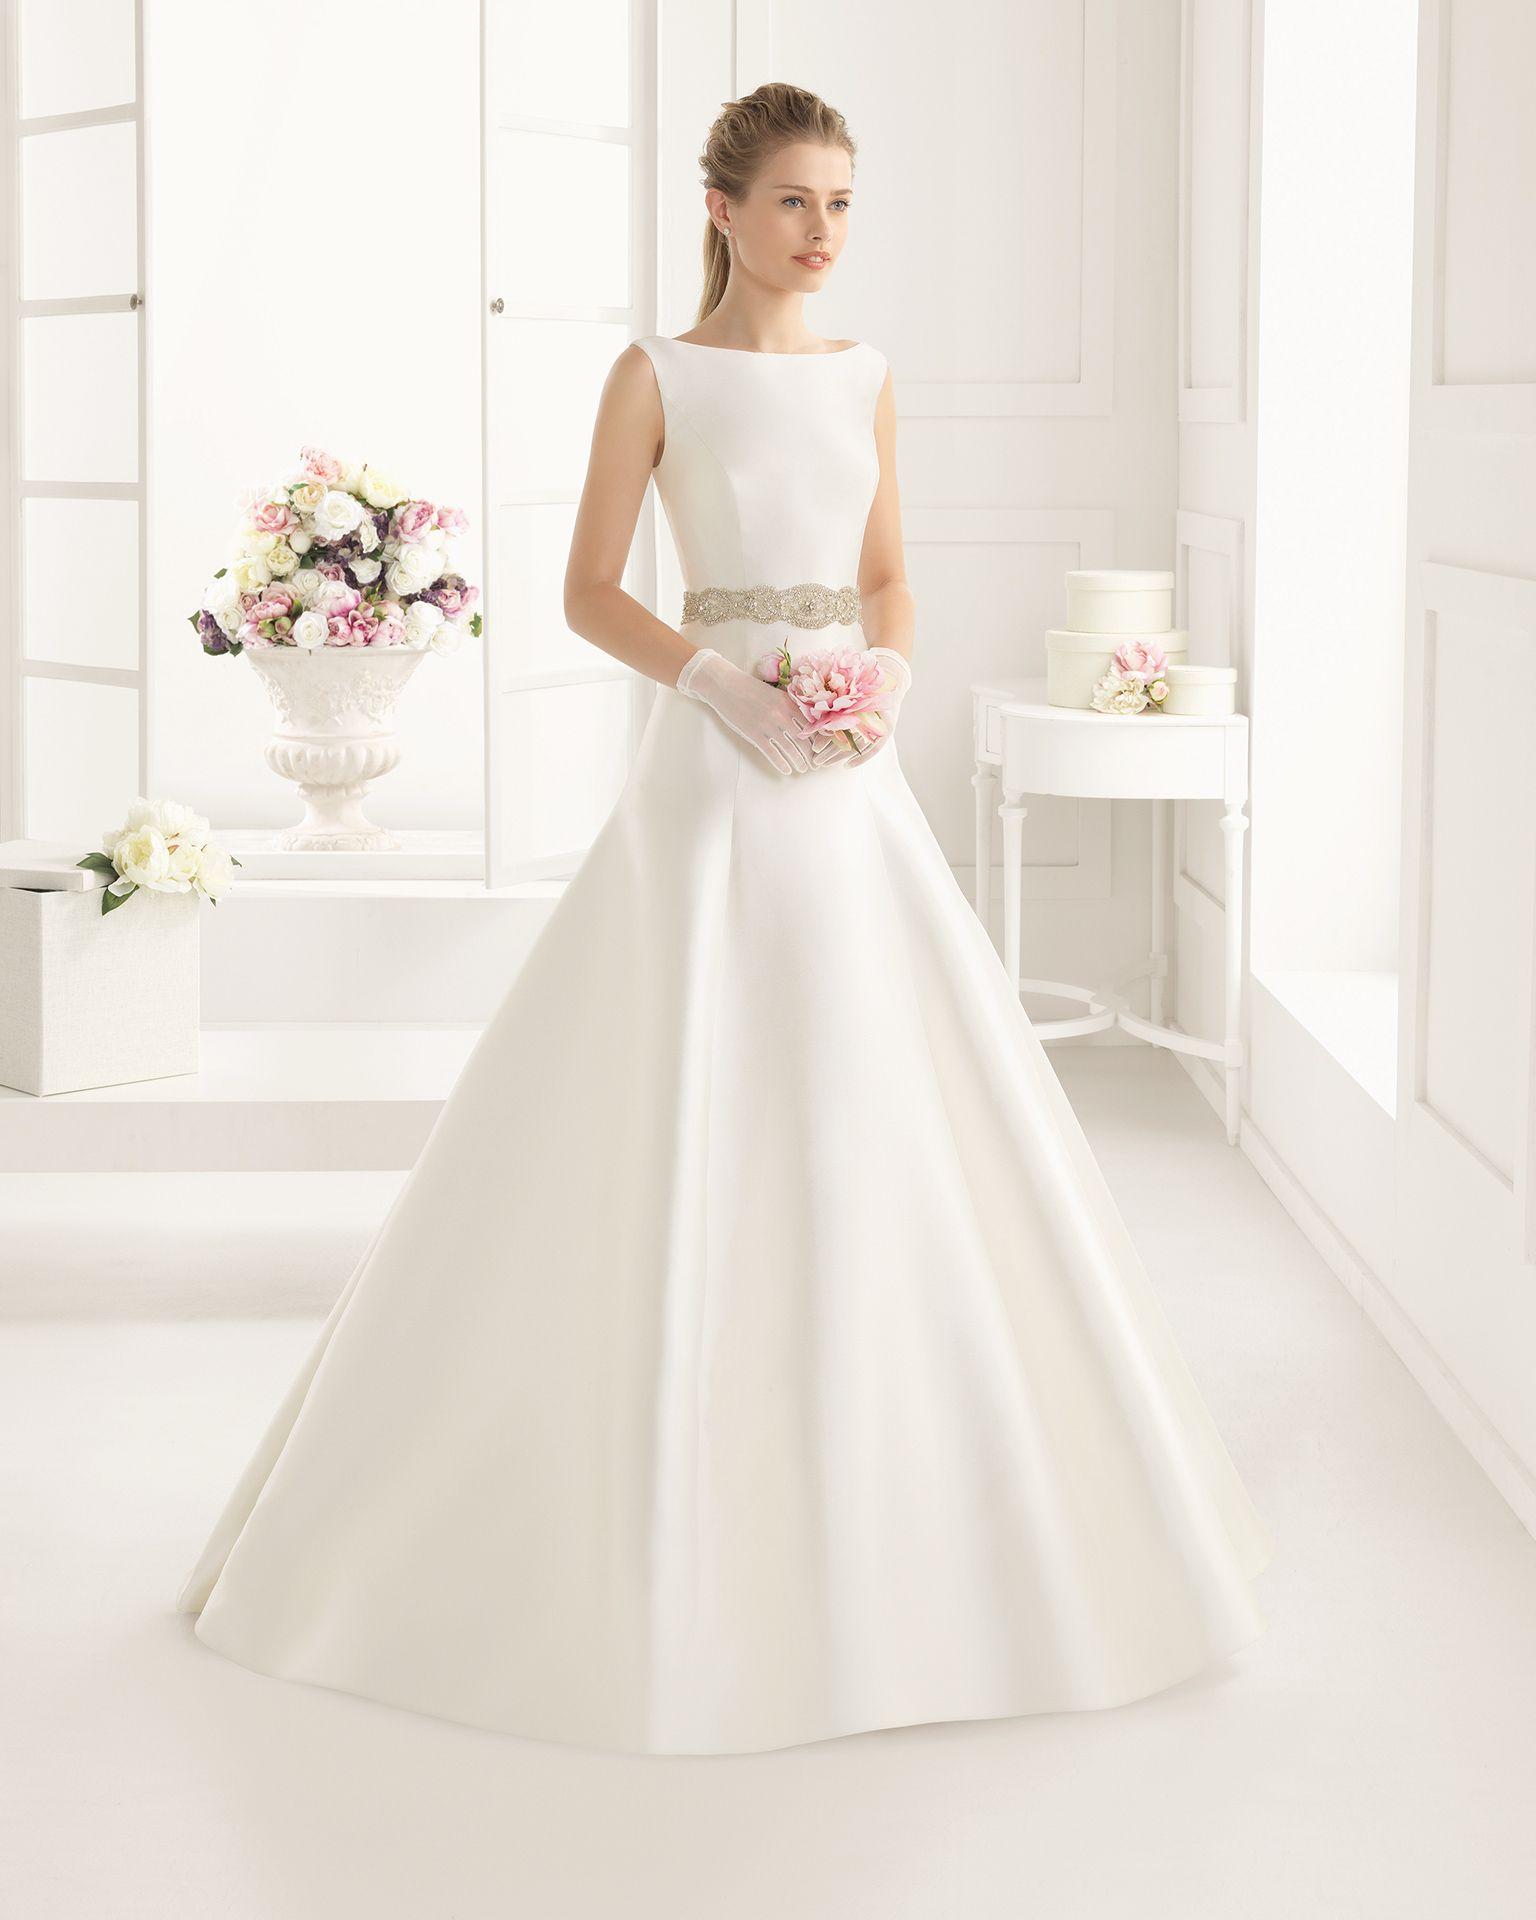 Vestidos de novia y vestidos de fiesta | Bridal gowns, Wedding dress ...